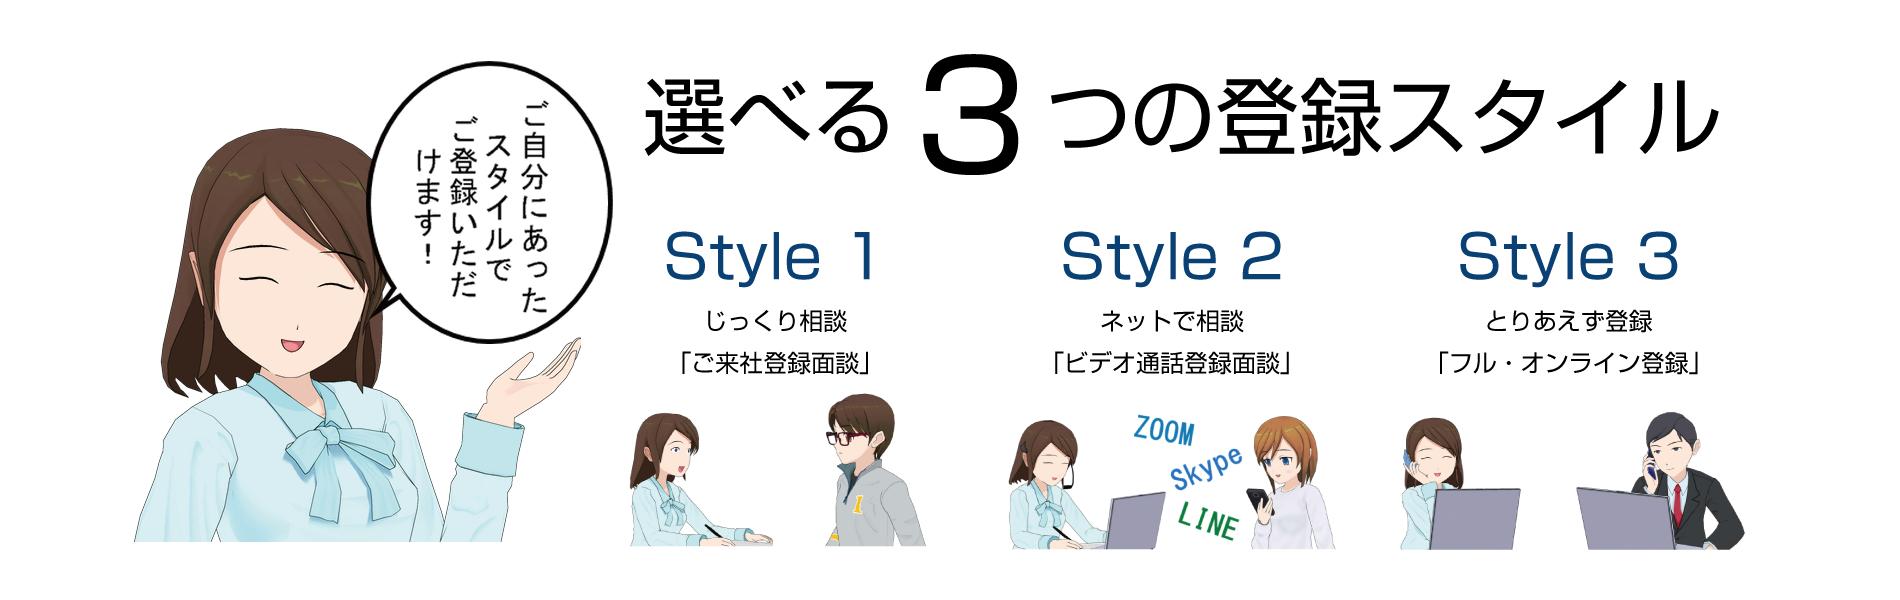 選べる3つの登録スタイル「Style1 じっくり相談 ご来社面談登録」「Style2 ネットで相談 ビデオ通話登録面談」「Style3 とりあえず登録 フル・オンライン登録」